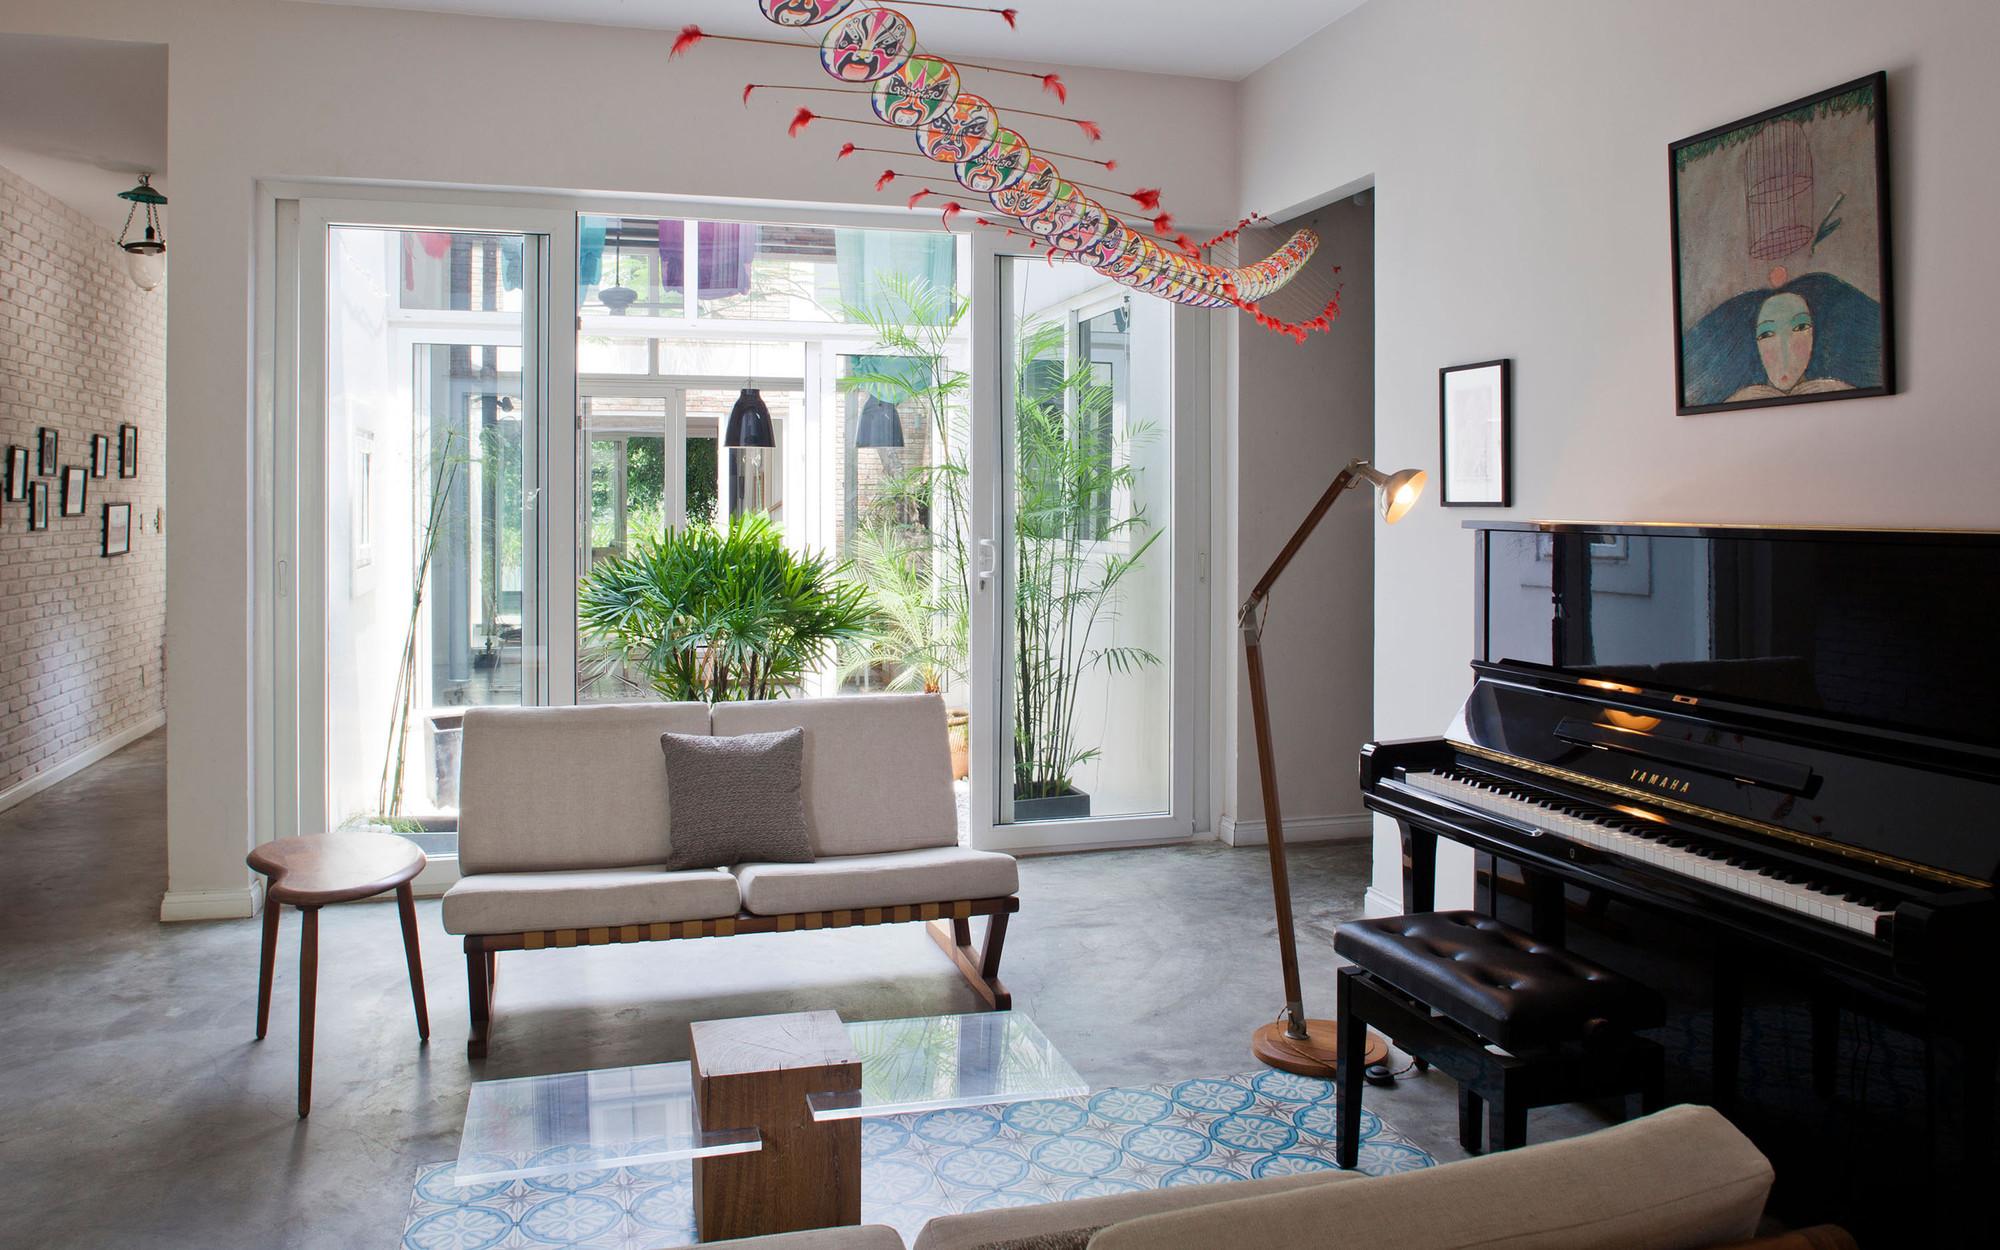 Nhadepvietnam ModernTubeHouse 4 - Modern Tube House - Nhà ống hiện đại với nhiều khoảng xanh phá cách